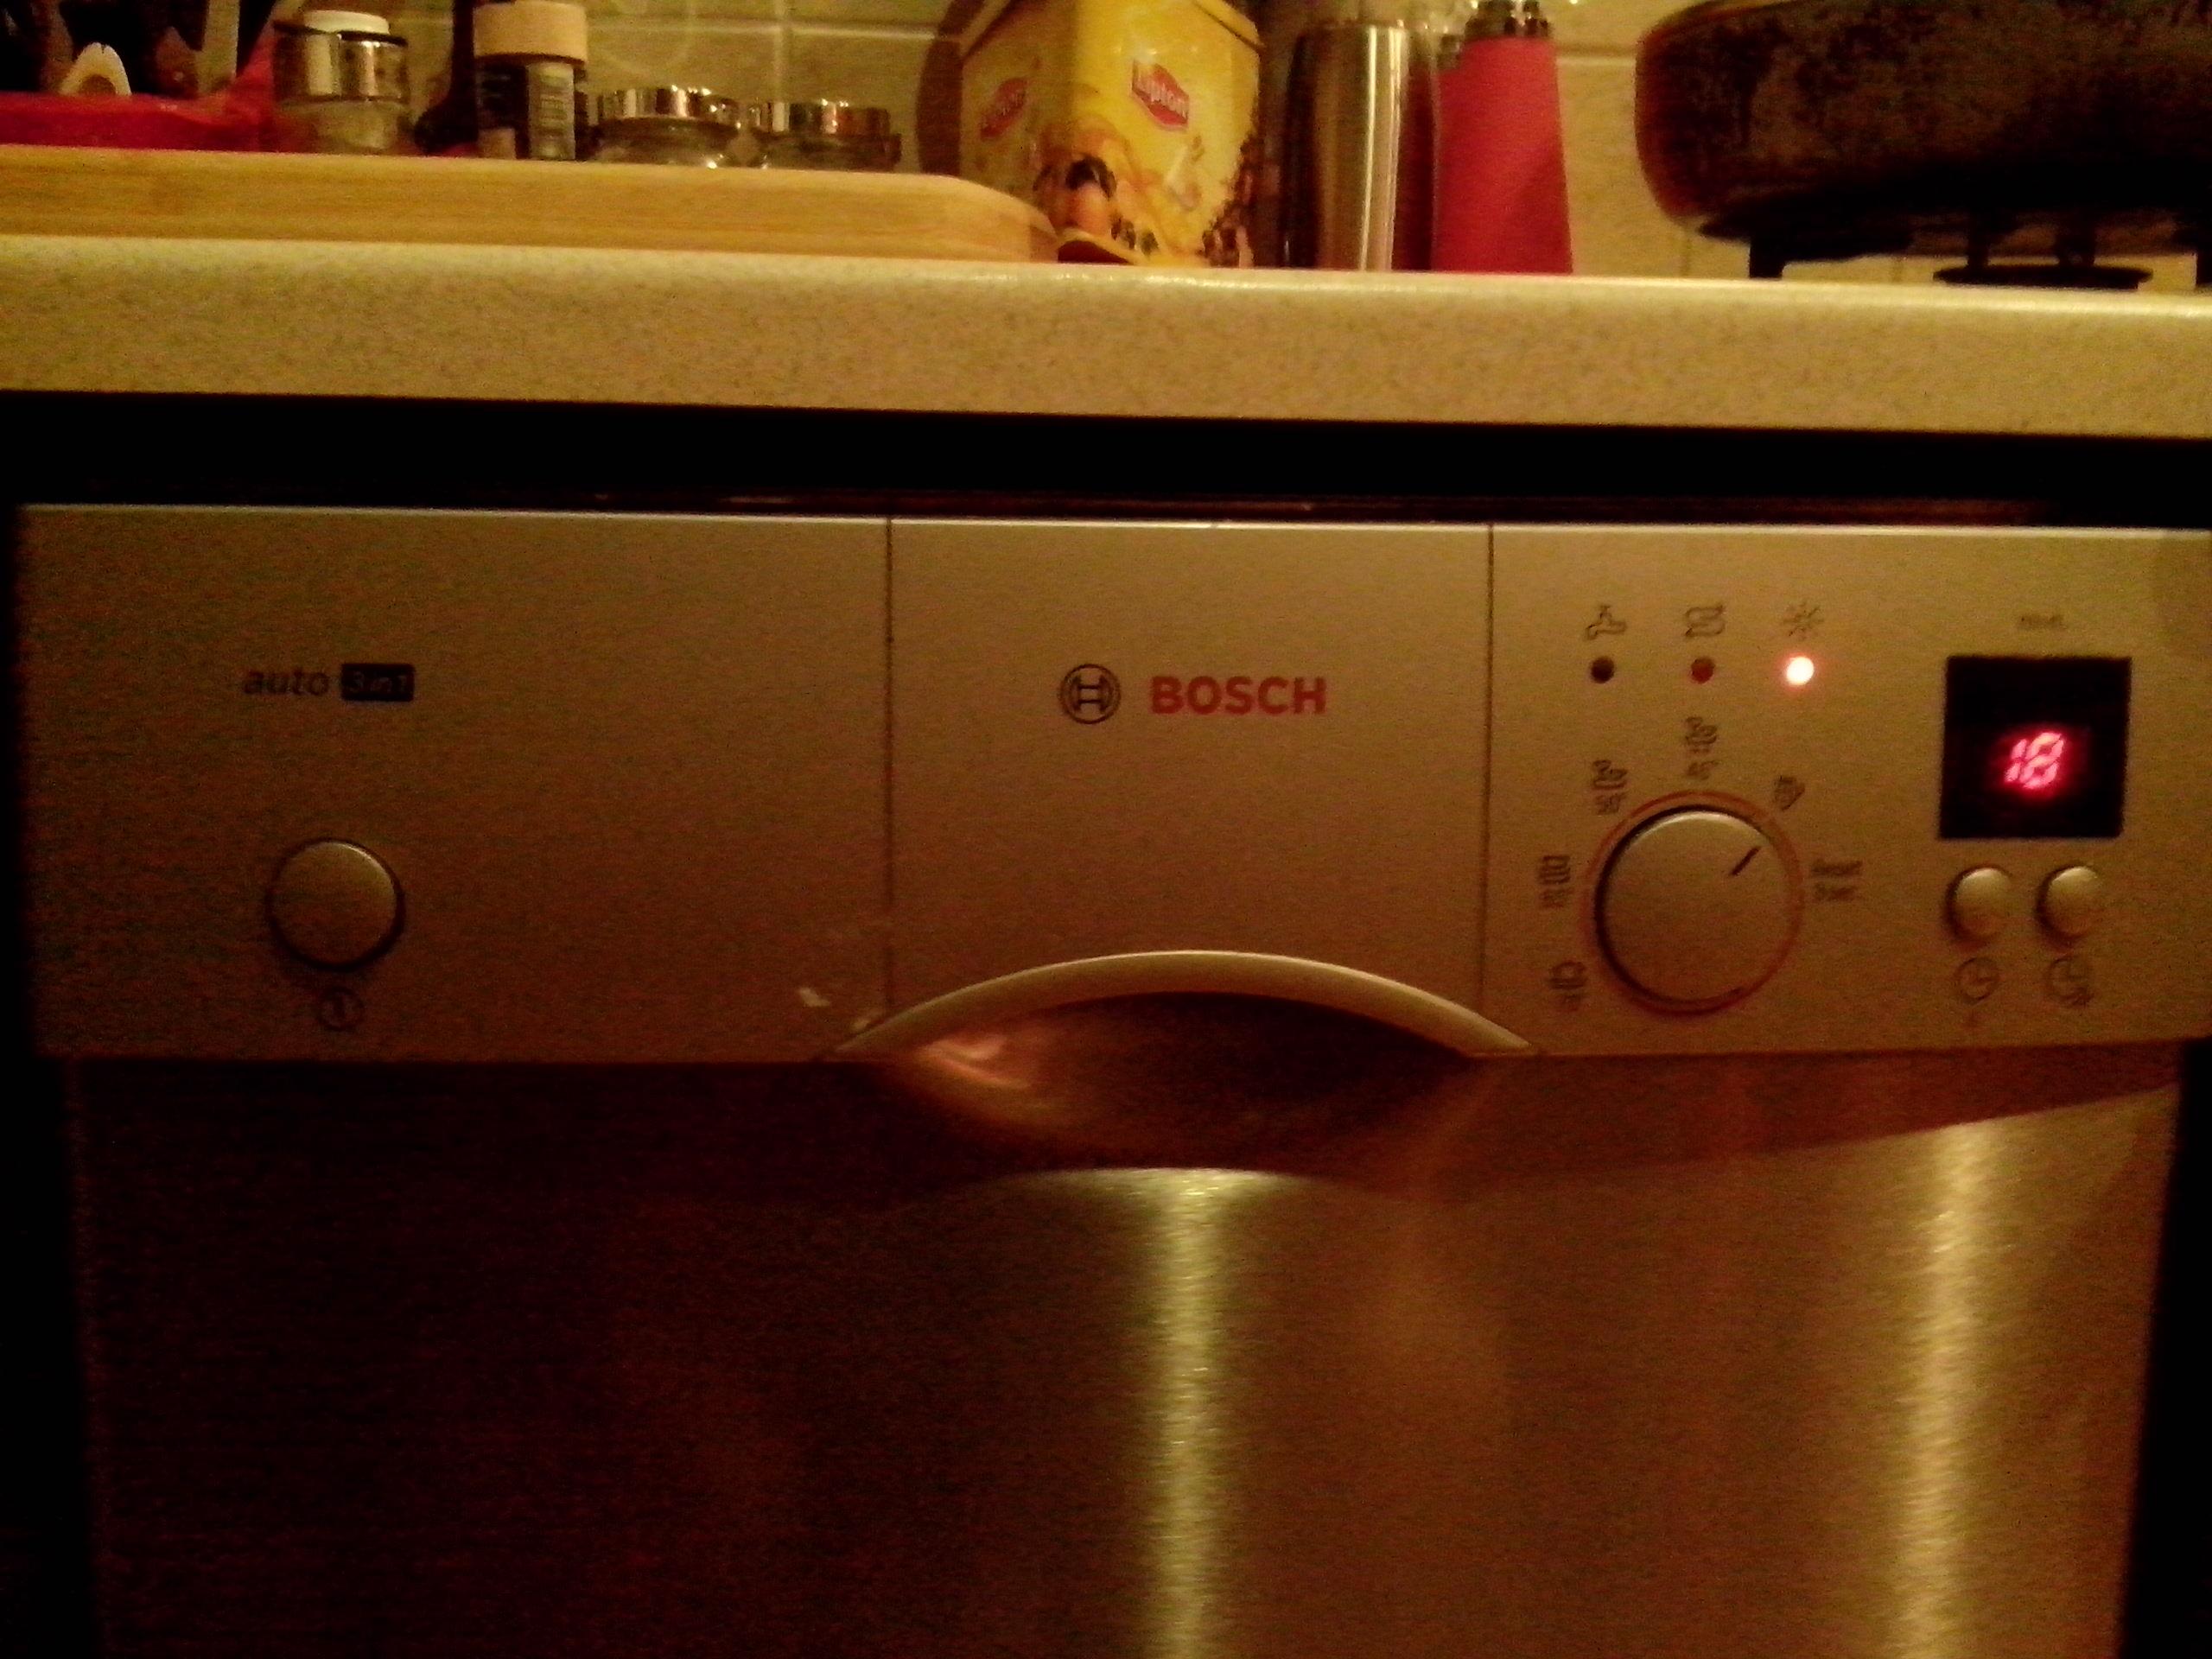 Zmywarka Bosch 3in1 - zmywarka nie pobiera wody